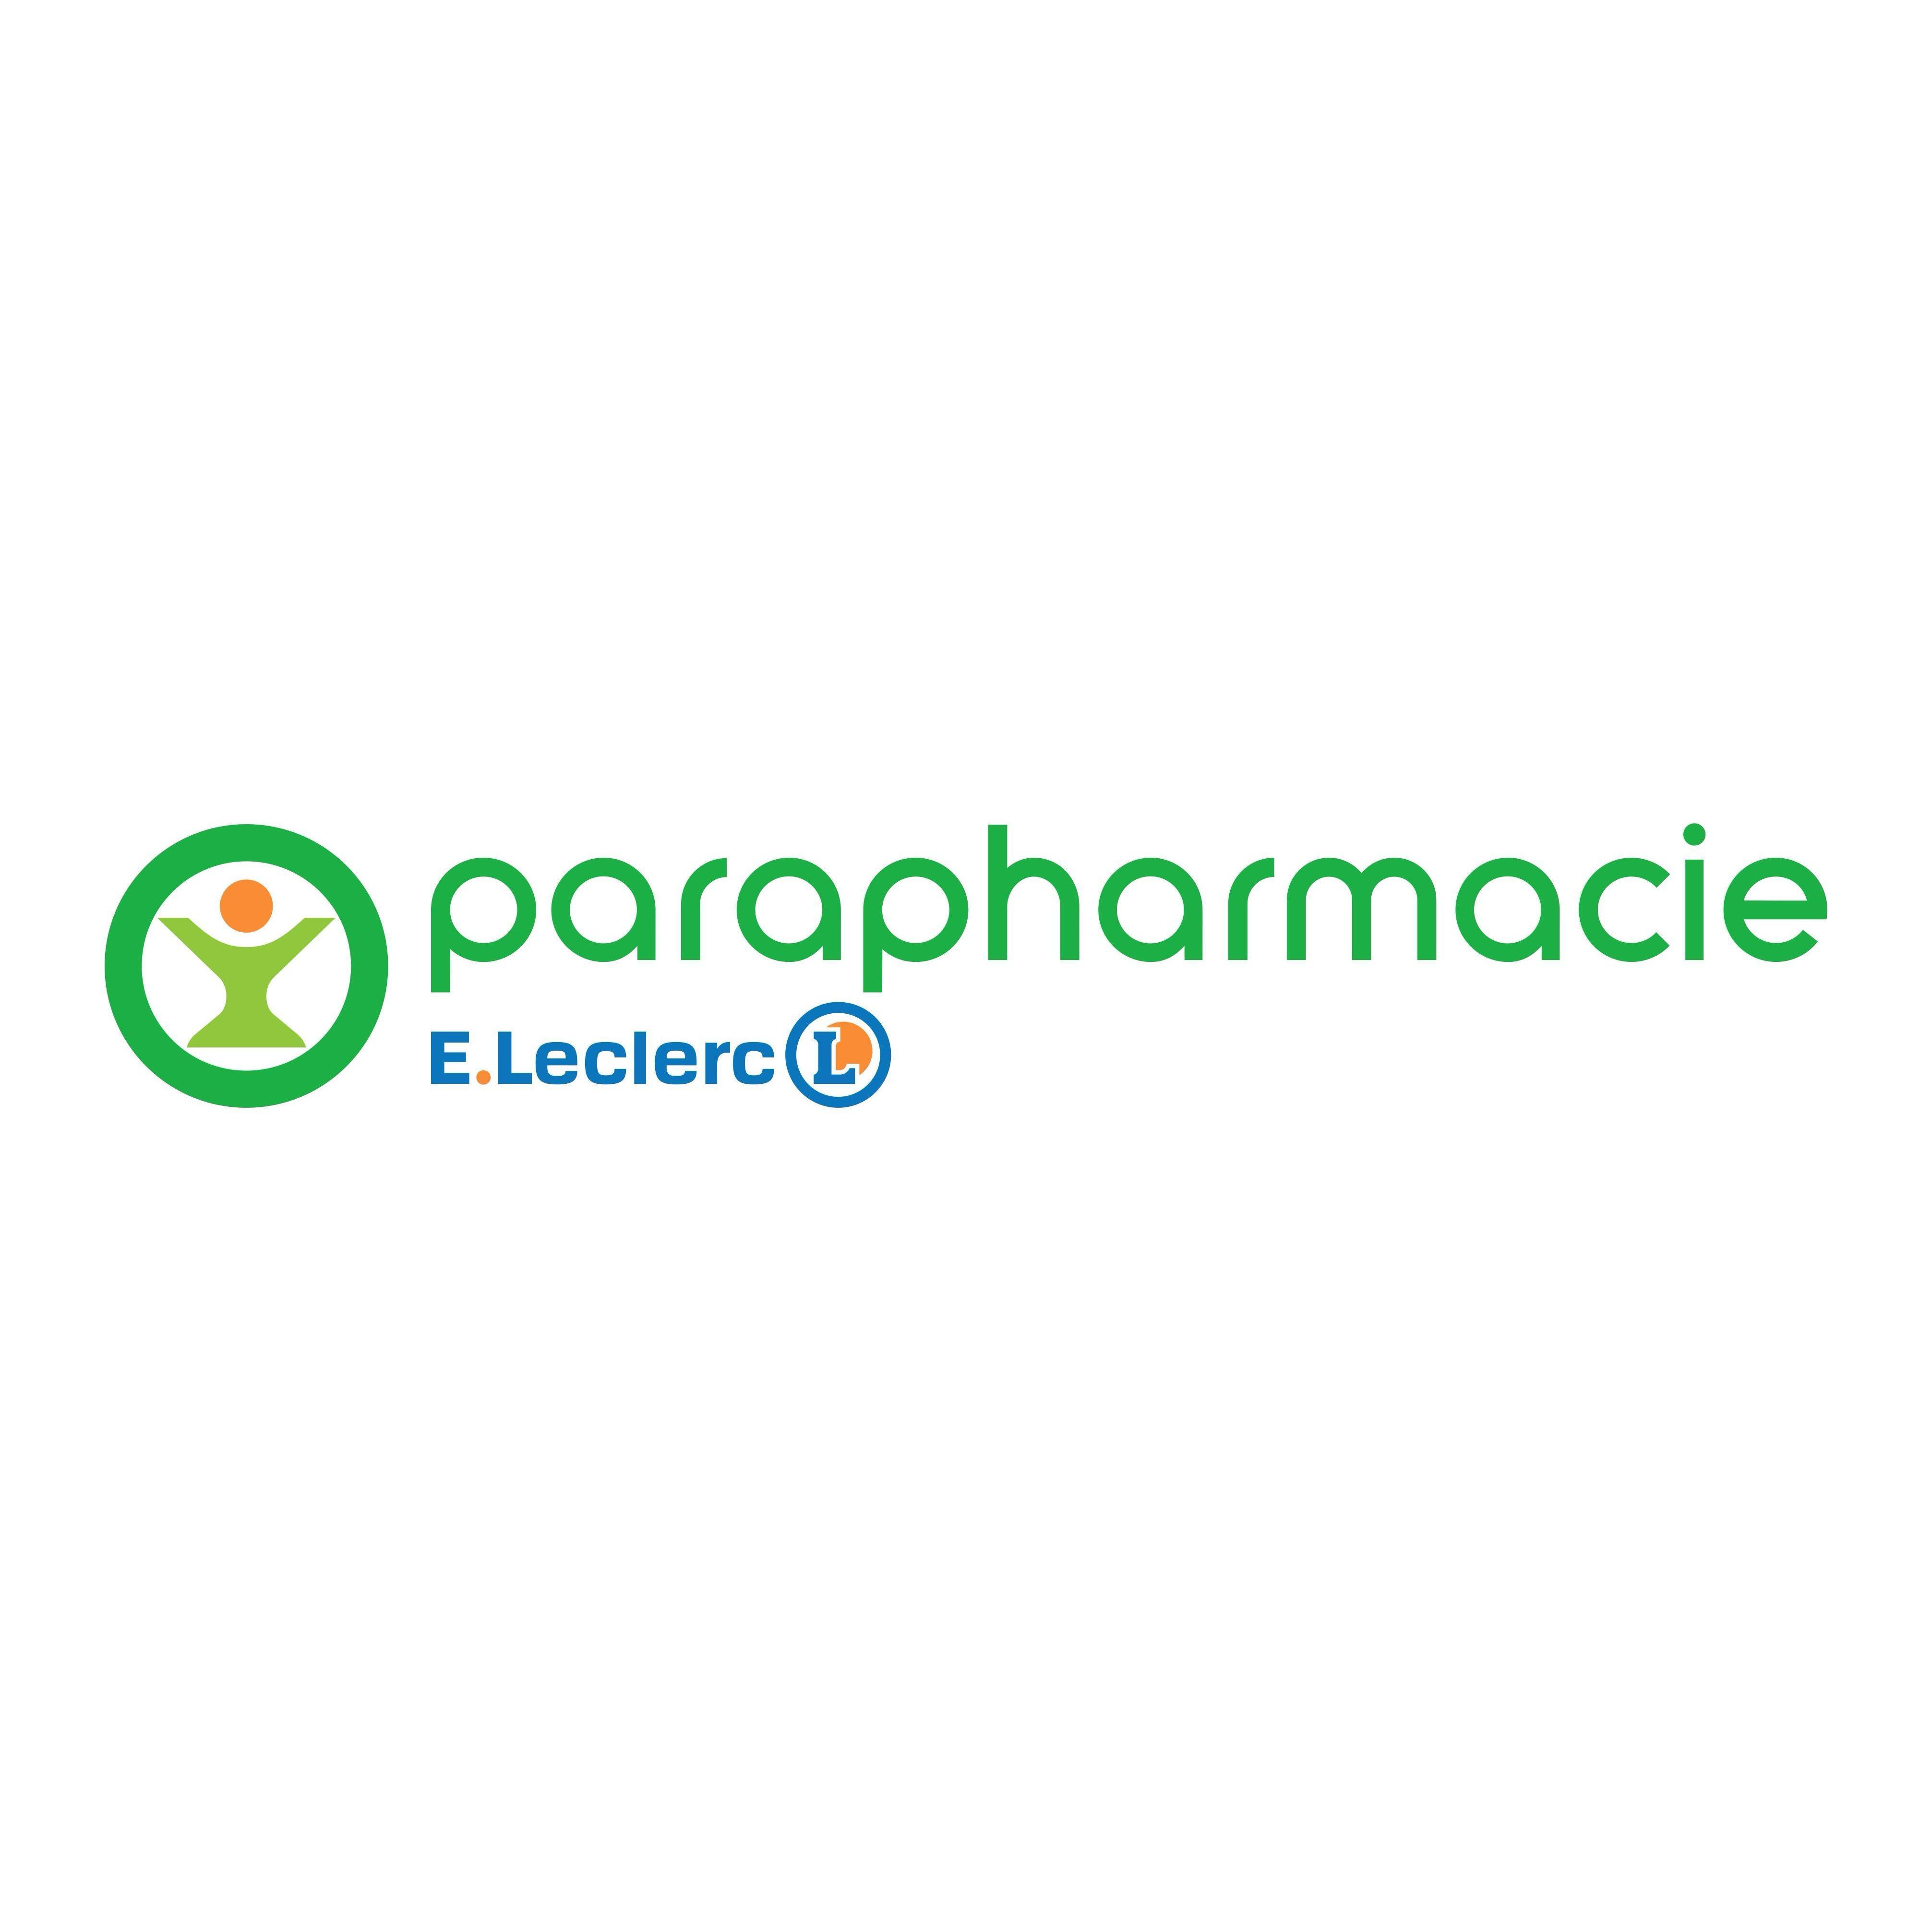 E.leclerc Parapharmacie Concarneau